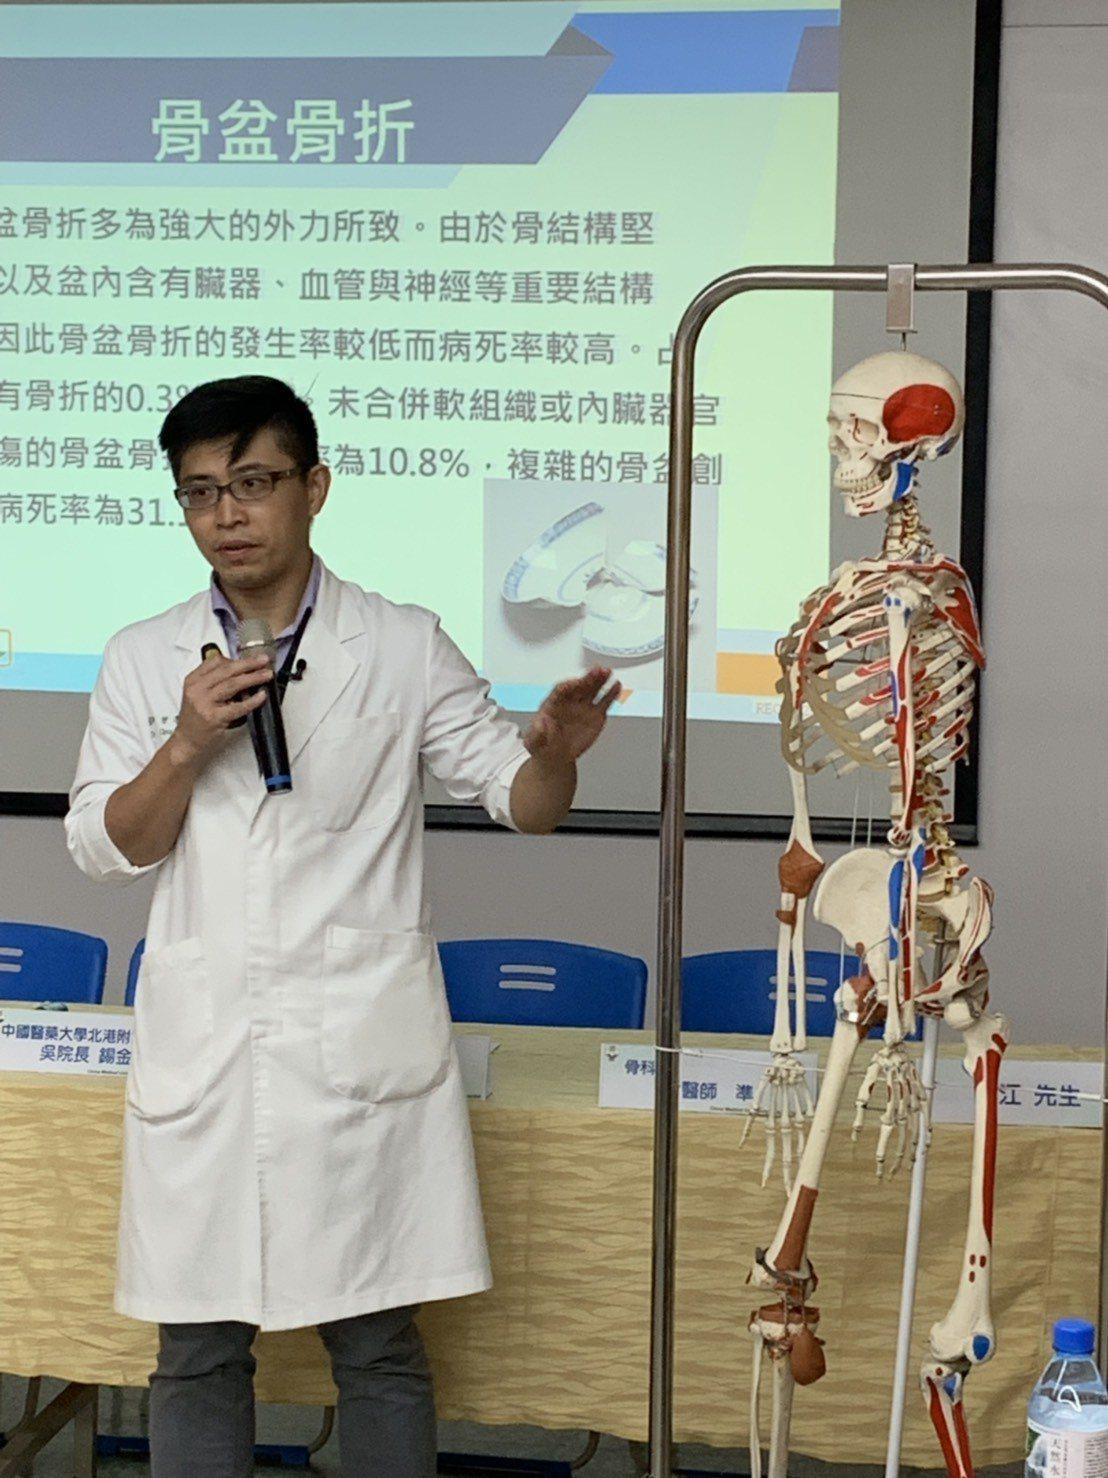 醫師生明手術的困難度。記者蔡維斌/攝影